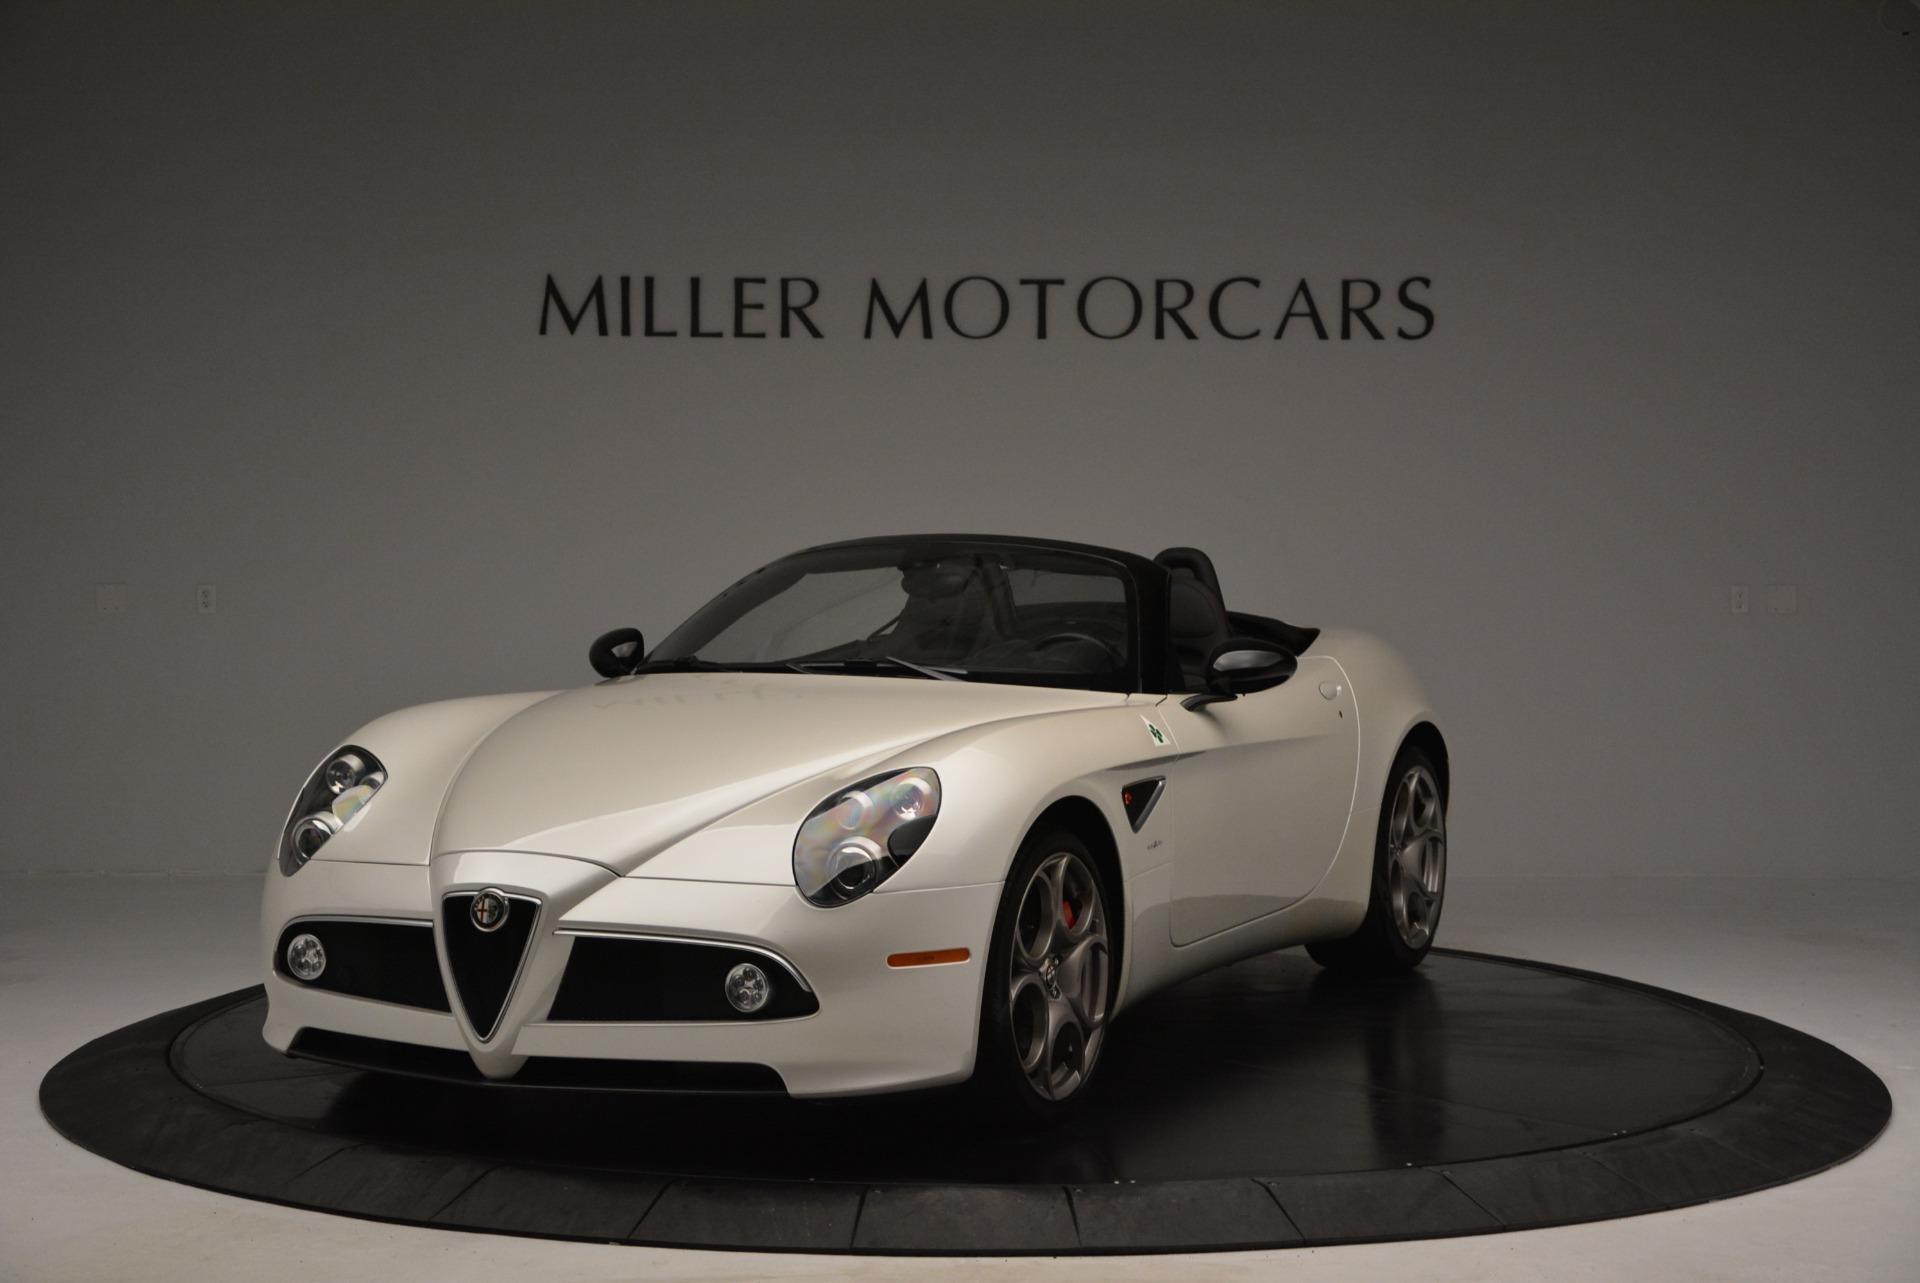 Used 2009 Alfa Romeo 8C Competizione Spider for sale $345,900 at Pagani of Greenwich in Greenwich CT 06830 1